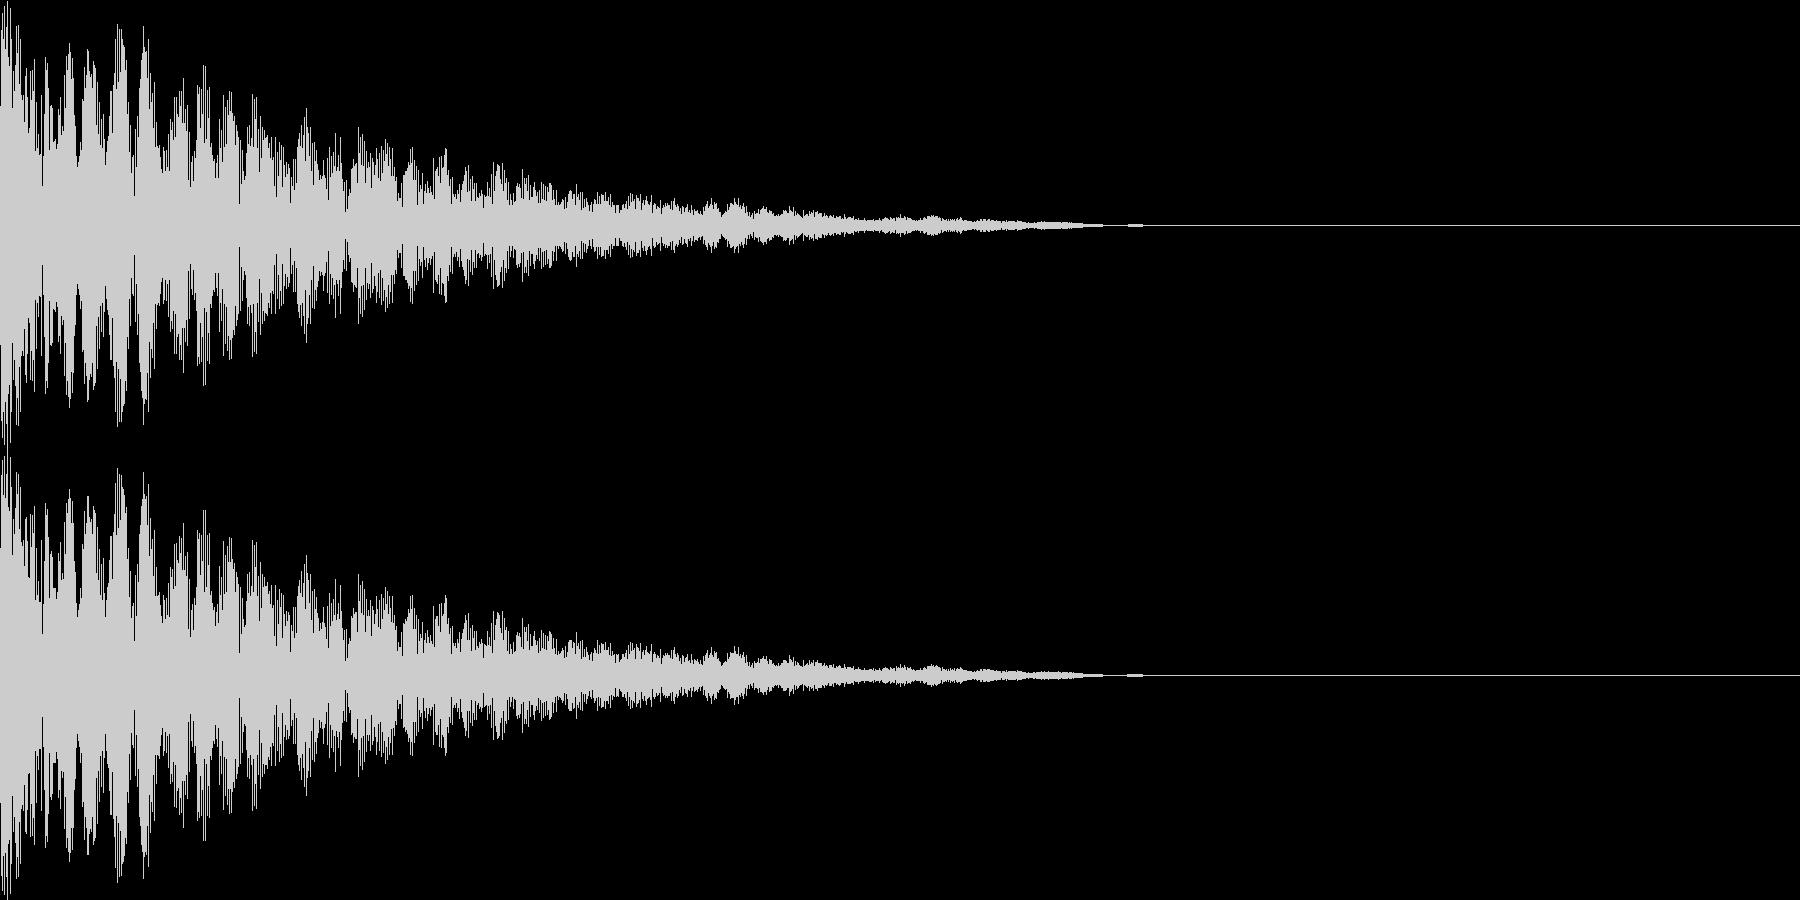 キン(金属のぶつかる音)の未再生の波形